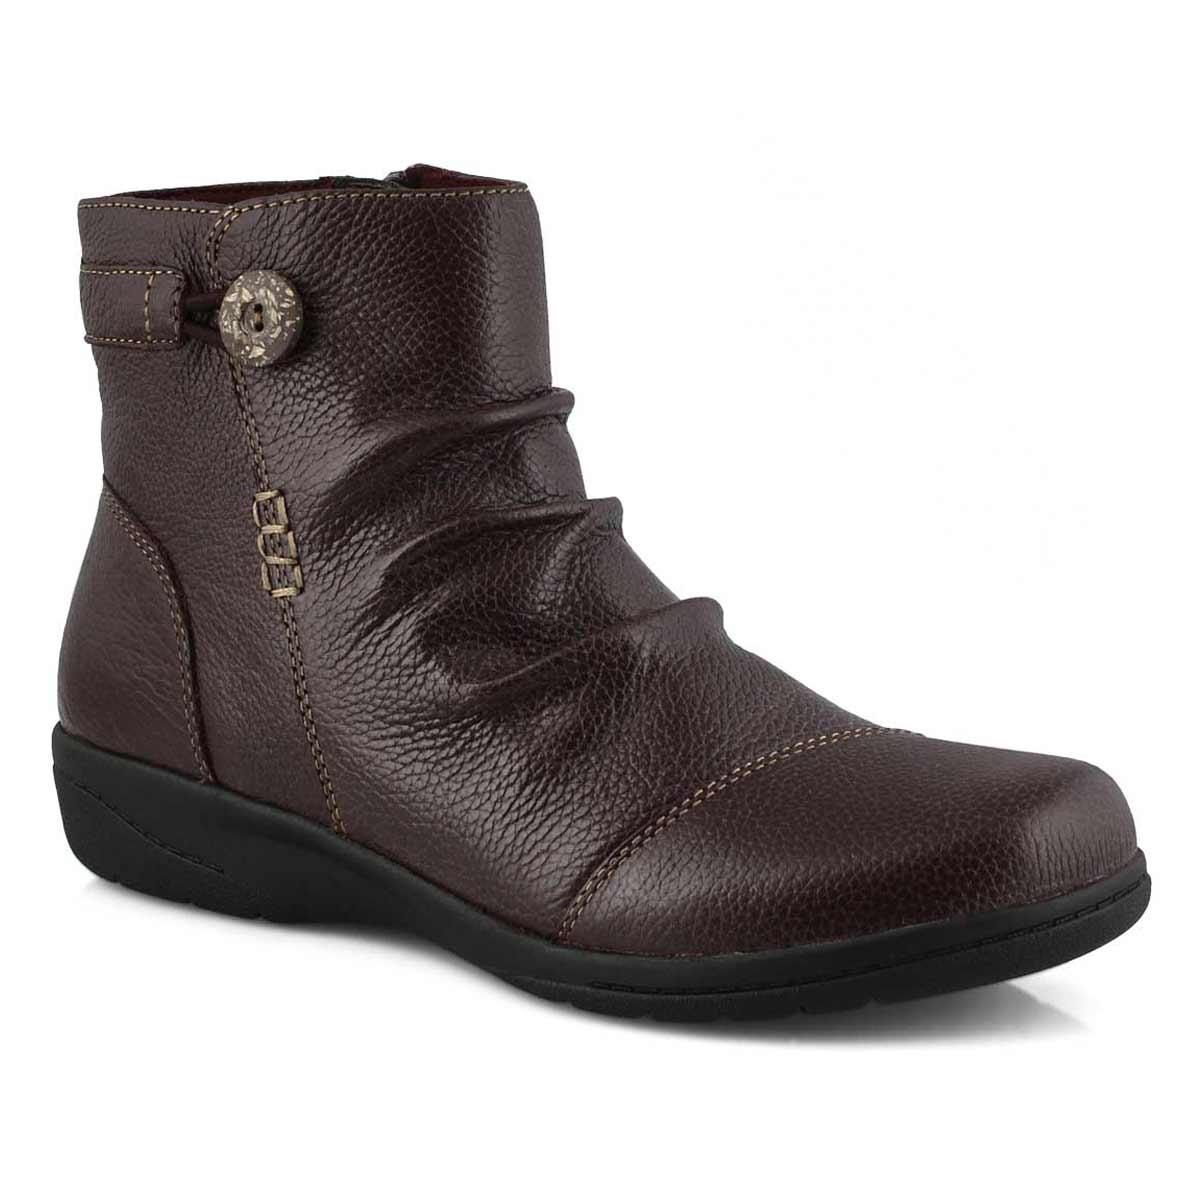 Women's Cheyn Zoe Ankle Boot - Burgandy